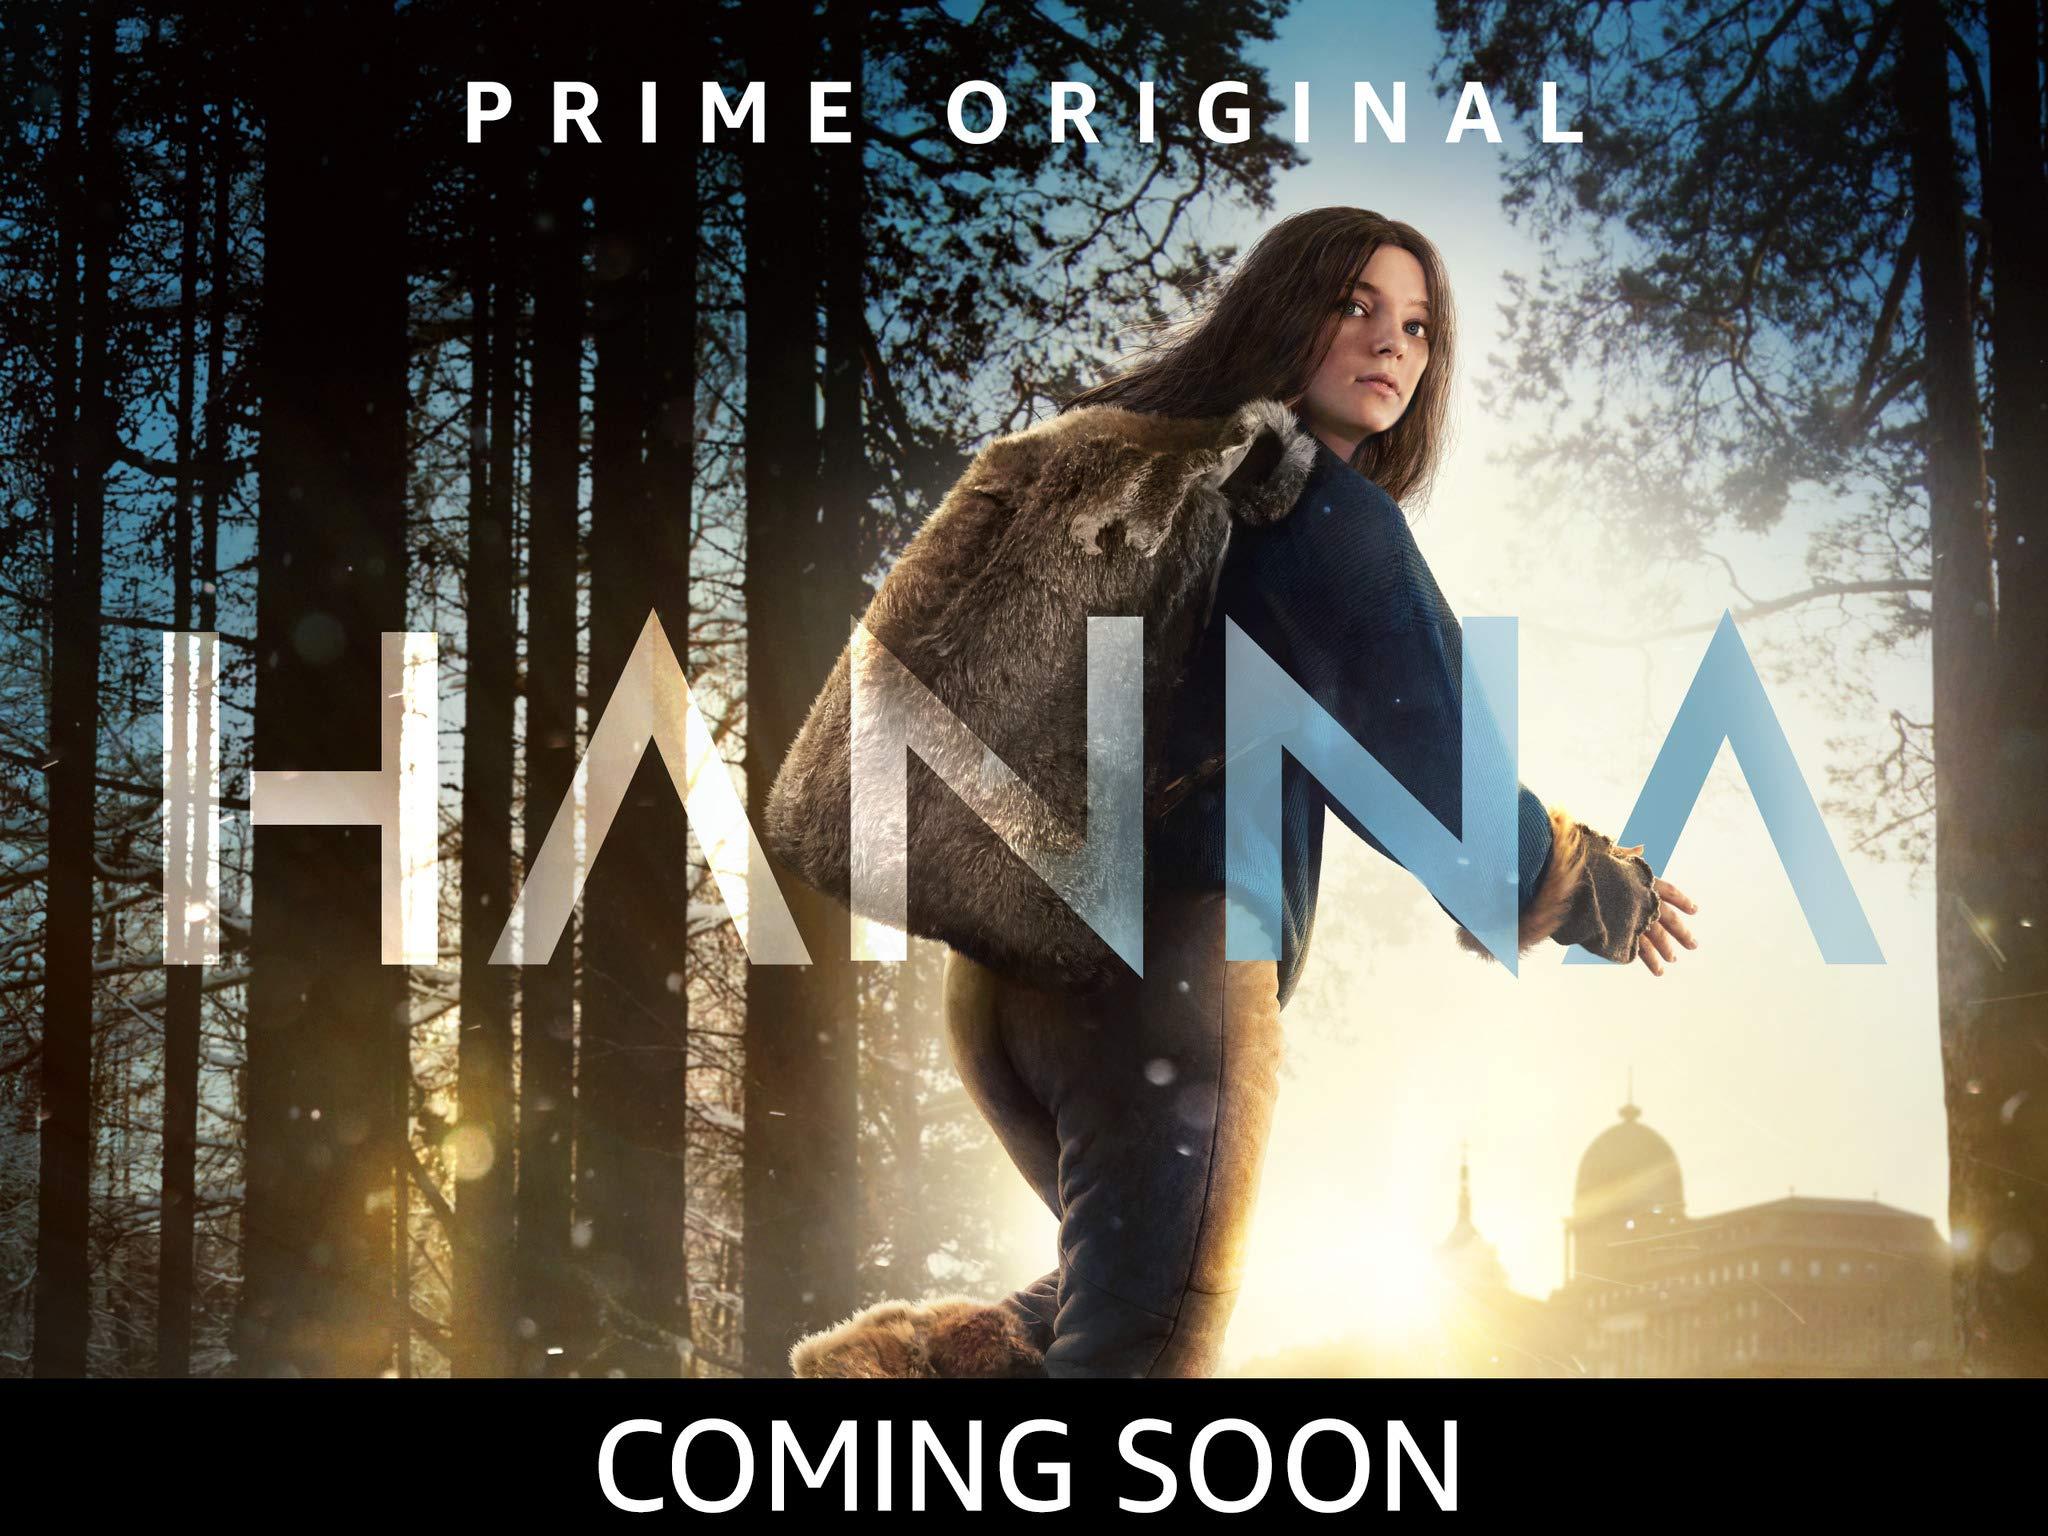 Hanna, la série sur amazon vidéo.